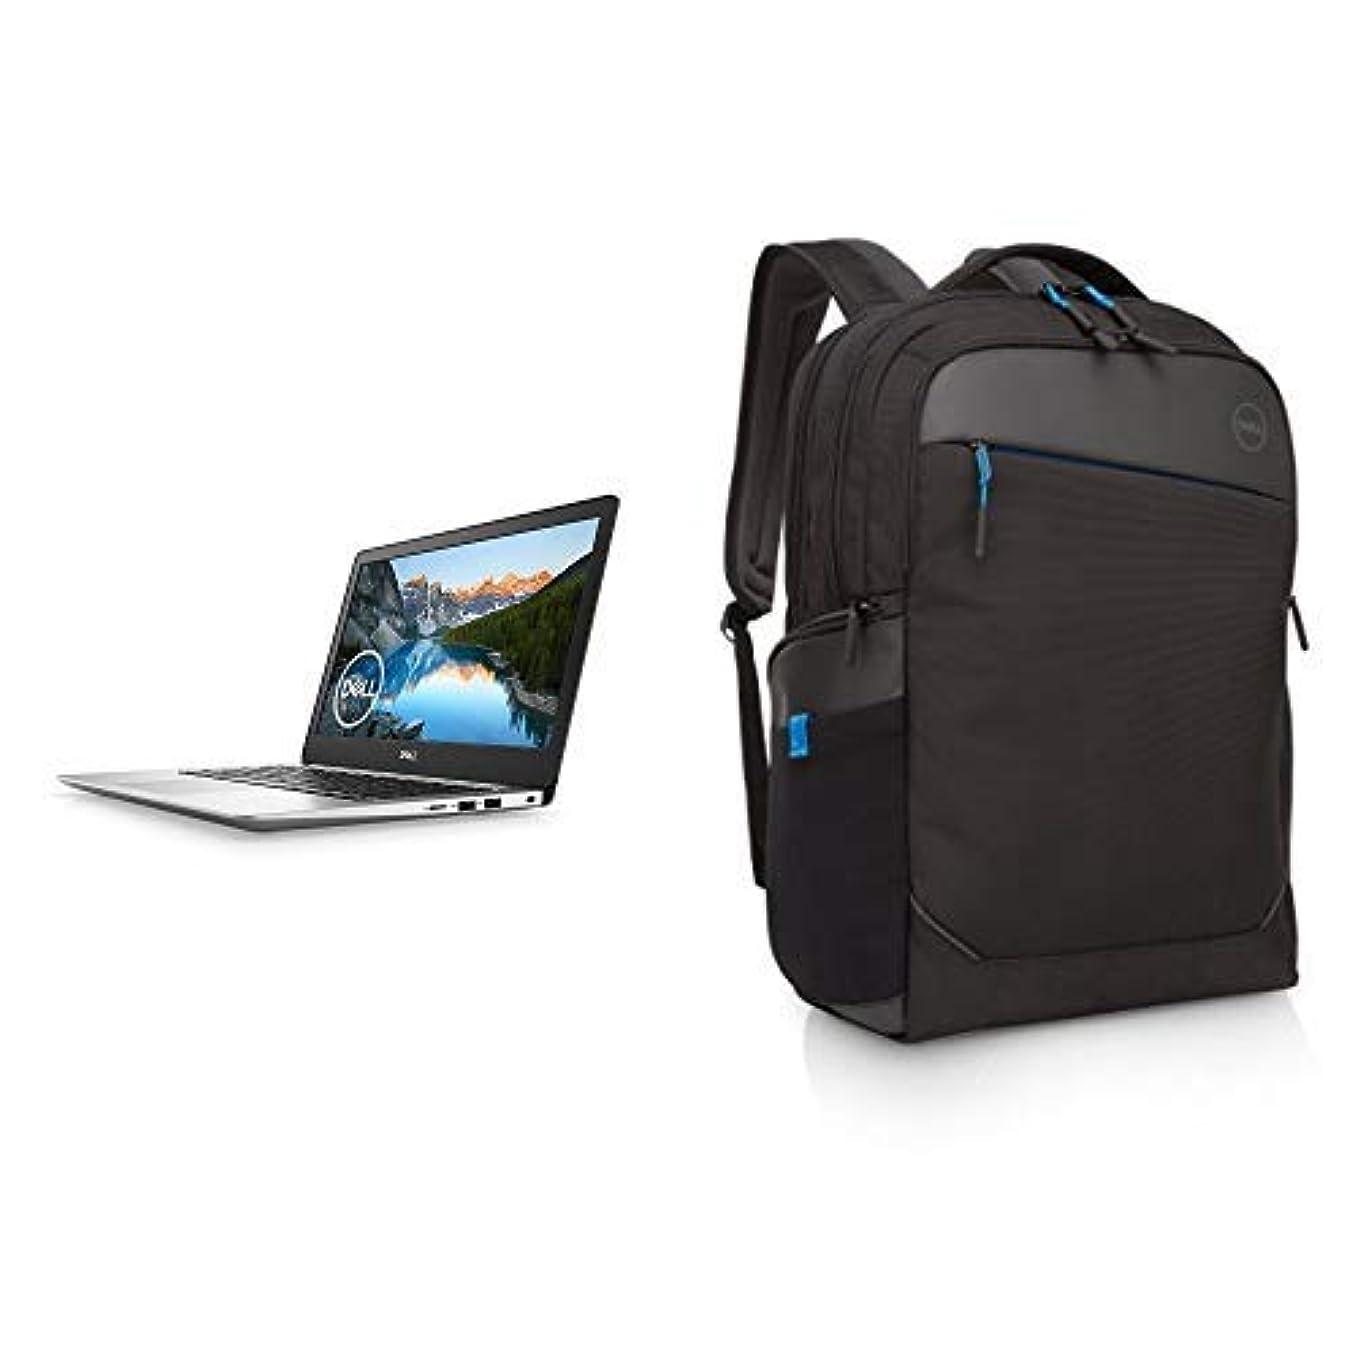 計り知れない粗い初期のDell ノートパソコン Inspiron 13 5370 Core i3 シルバー 19Q11S/Windows10/13.3FHD/4GB/128GB/SSD + Dell プロフェッショナル バックパック 17 セット